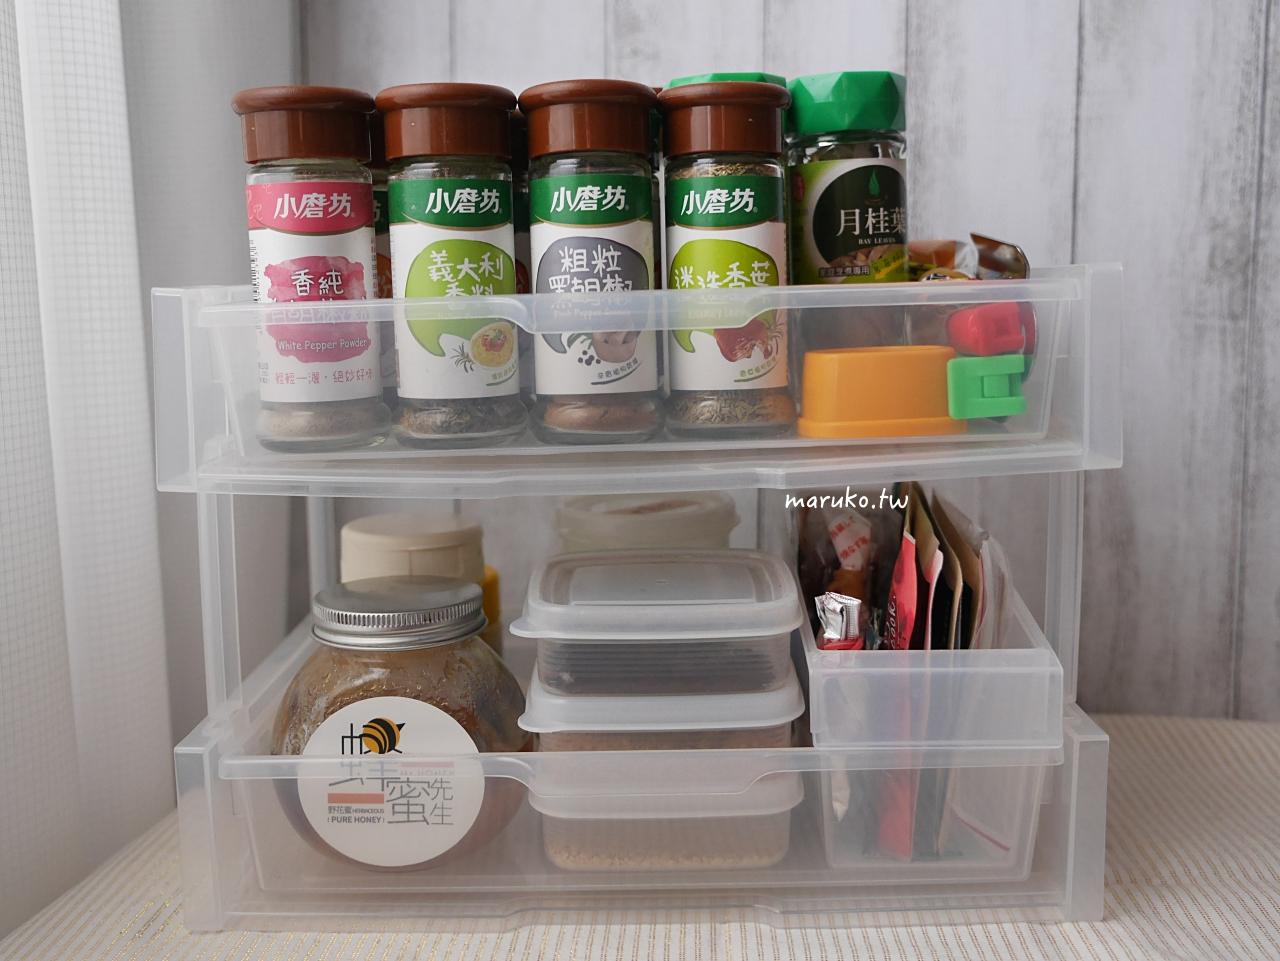 【廚房收納】i color 49元好物 調味粉 醬料罐 收納分享 @Maruko與美食有個約會